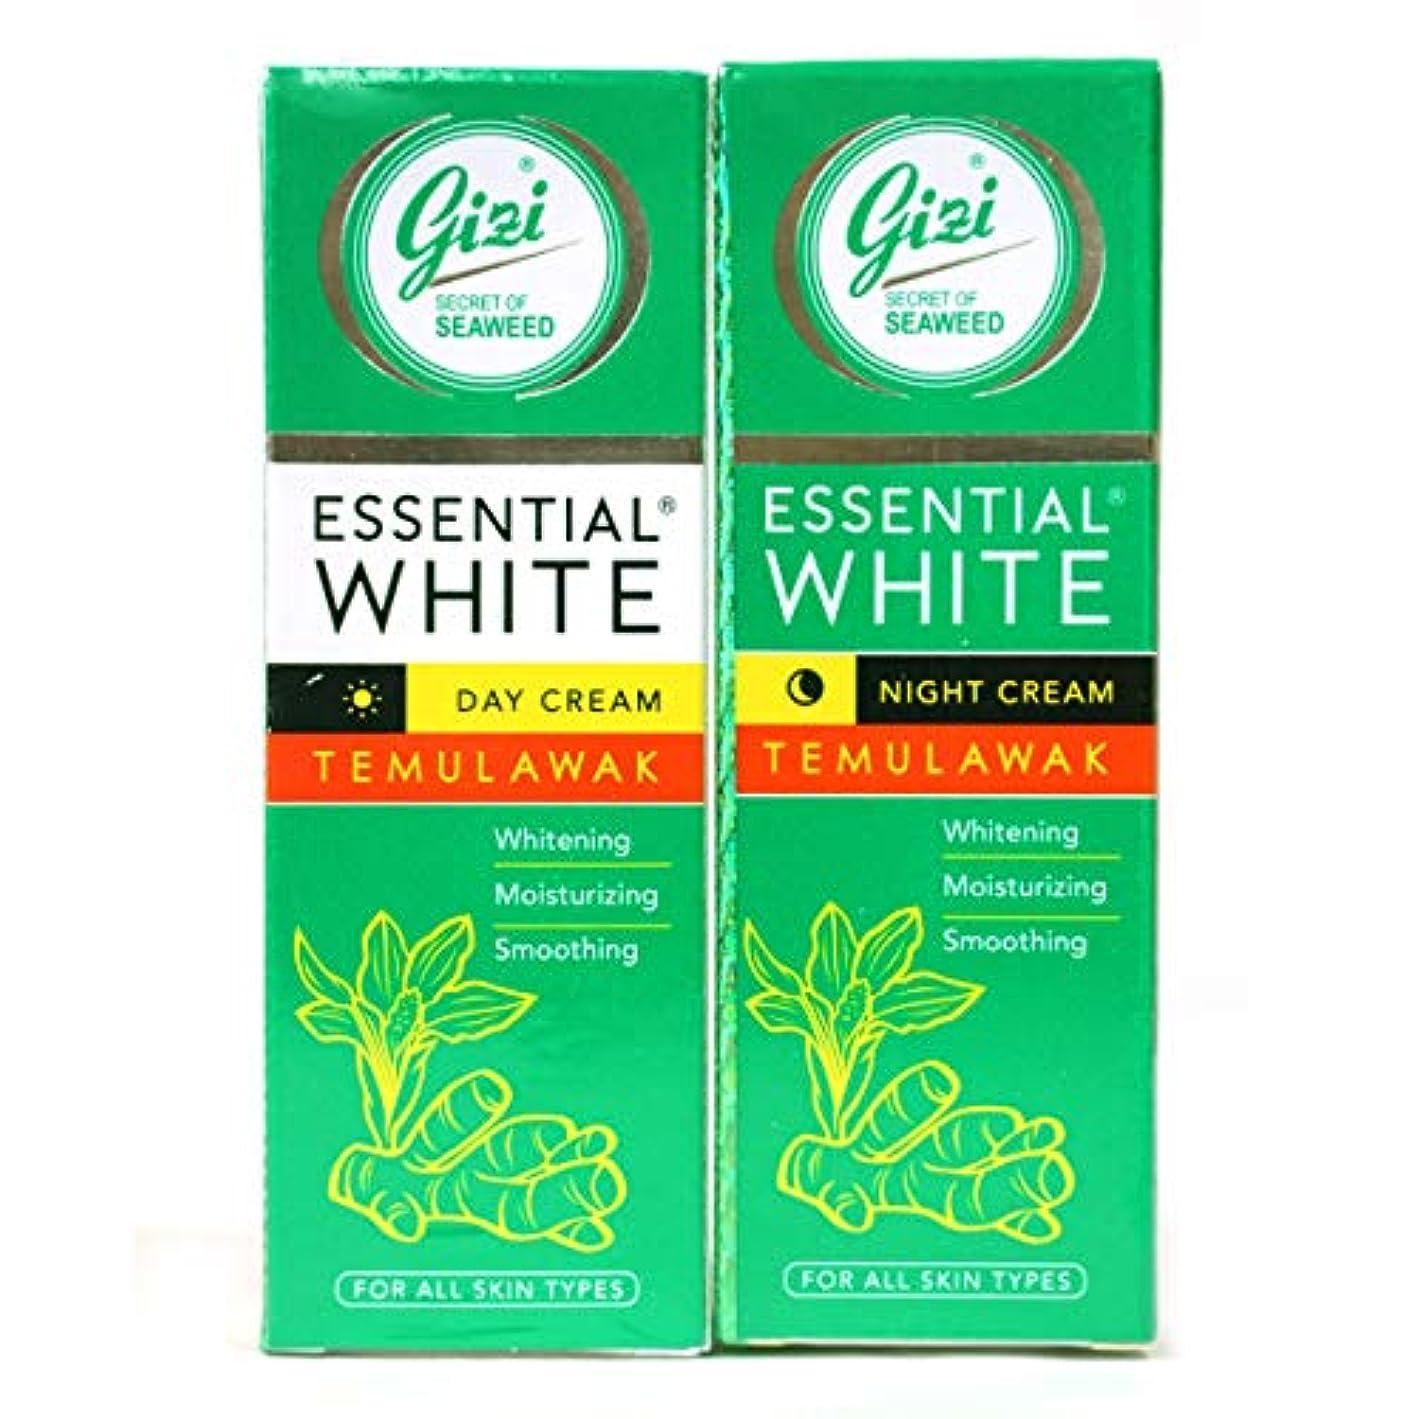 機関企業スリットギジ gizi Essential White フェイスクリーム チューブタイプ 日中用&ナイト用セット 18g ×2個 テムラワク ウコン など天然成分配合 [海外直送品]